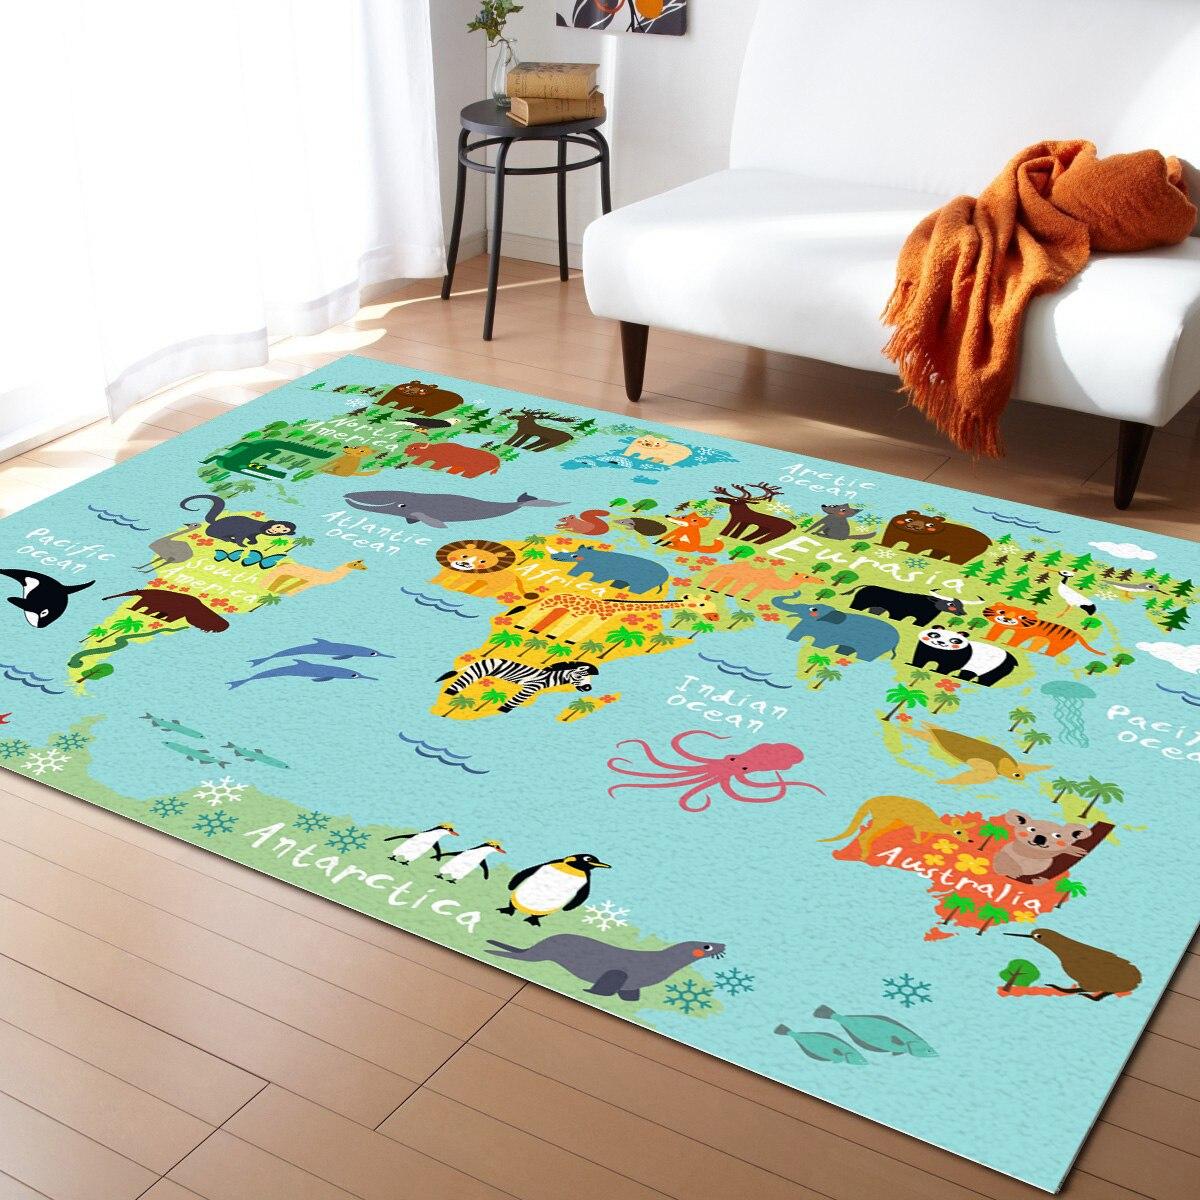 سجادة كبيرة برسومات خريطة العالم للحيوانات ، لغرفة المعيشة ، وغرفة النوم ، وغرفة الأطفال ، وغرفة اللعب ، وطباعة ثلاثية الأبعاد للمنزل